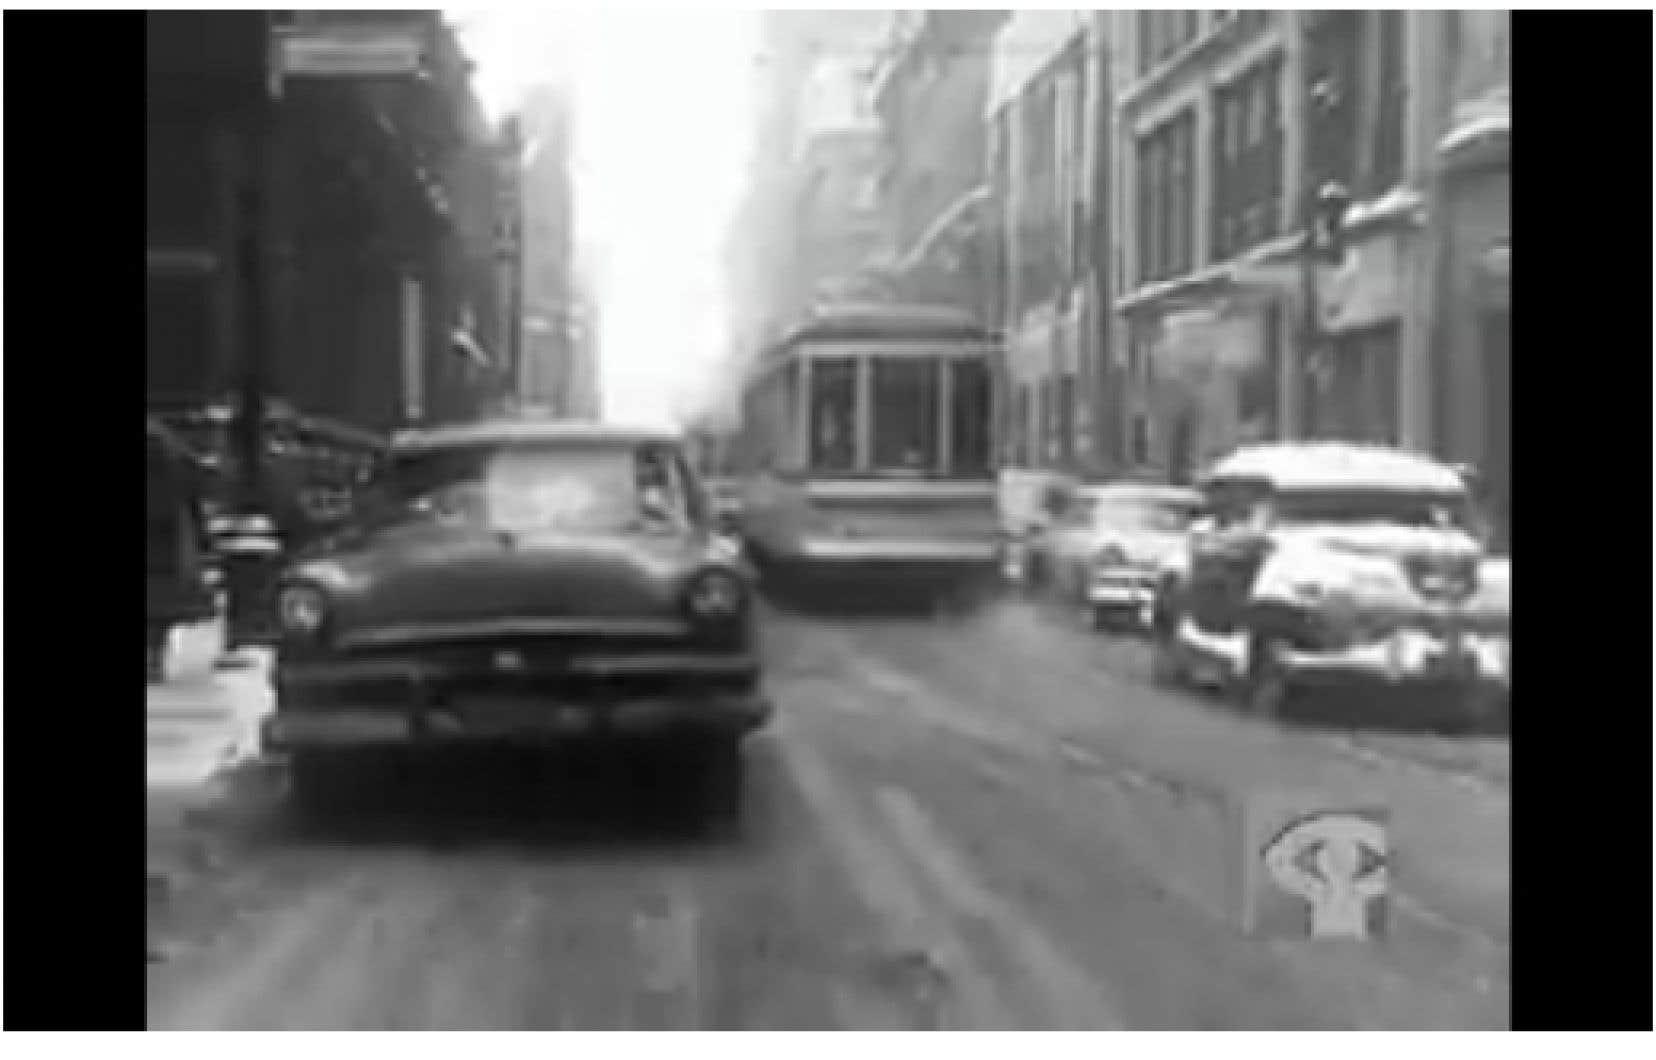 En 1955, l'heure était aux larges boulevards et aux autoroutes «modernes».